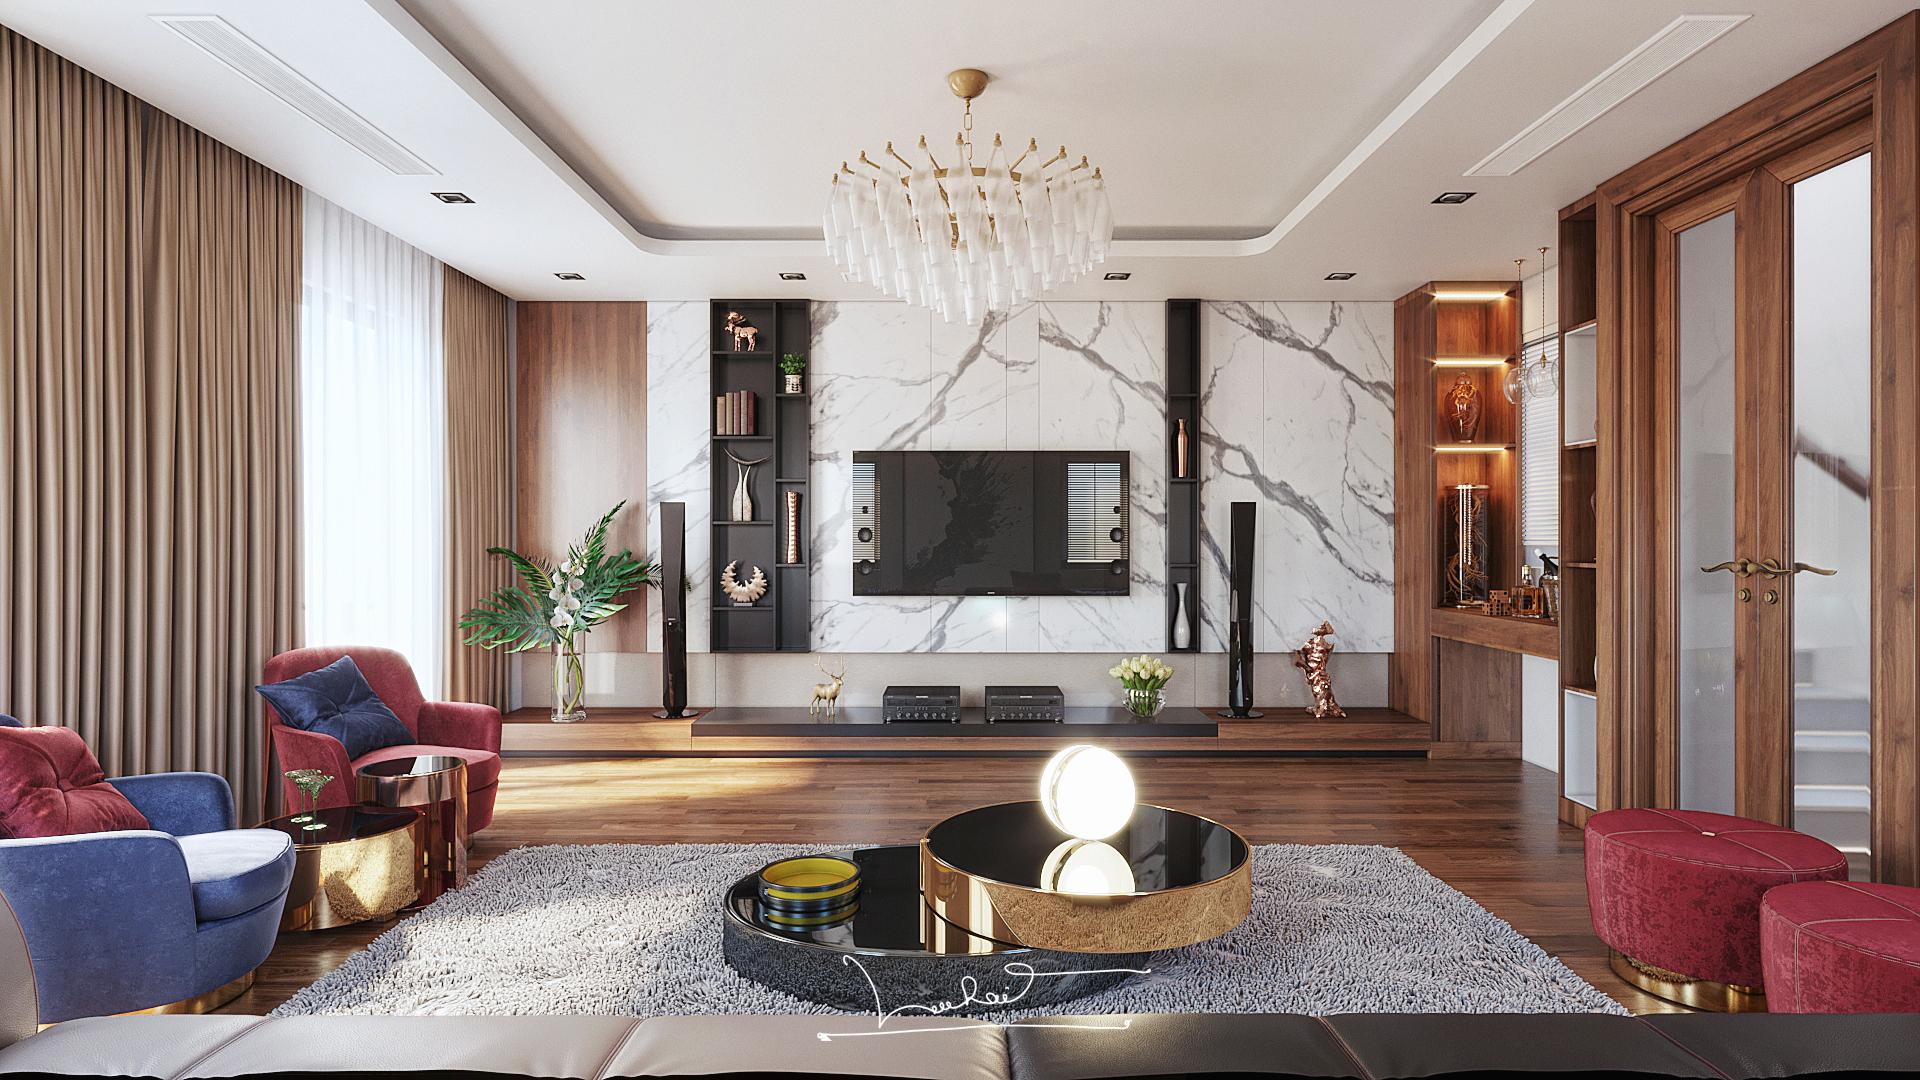 Thiết kế nội thất Biệt Thự tại Sơn La INTERIORO _02 1575334956 1